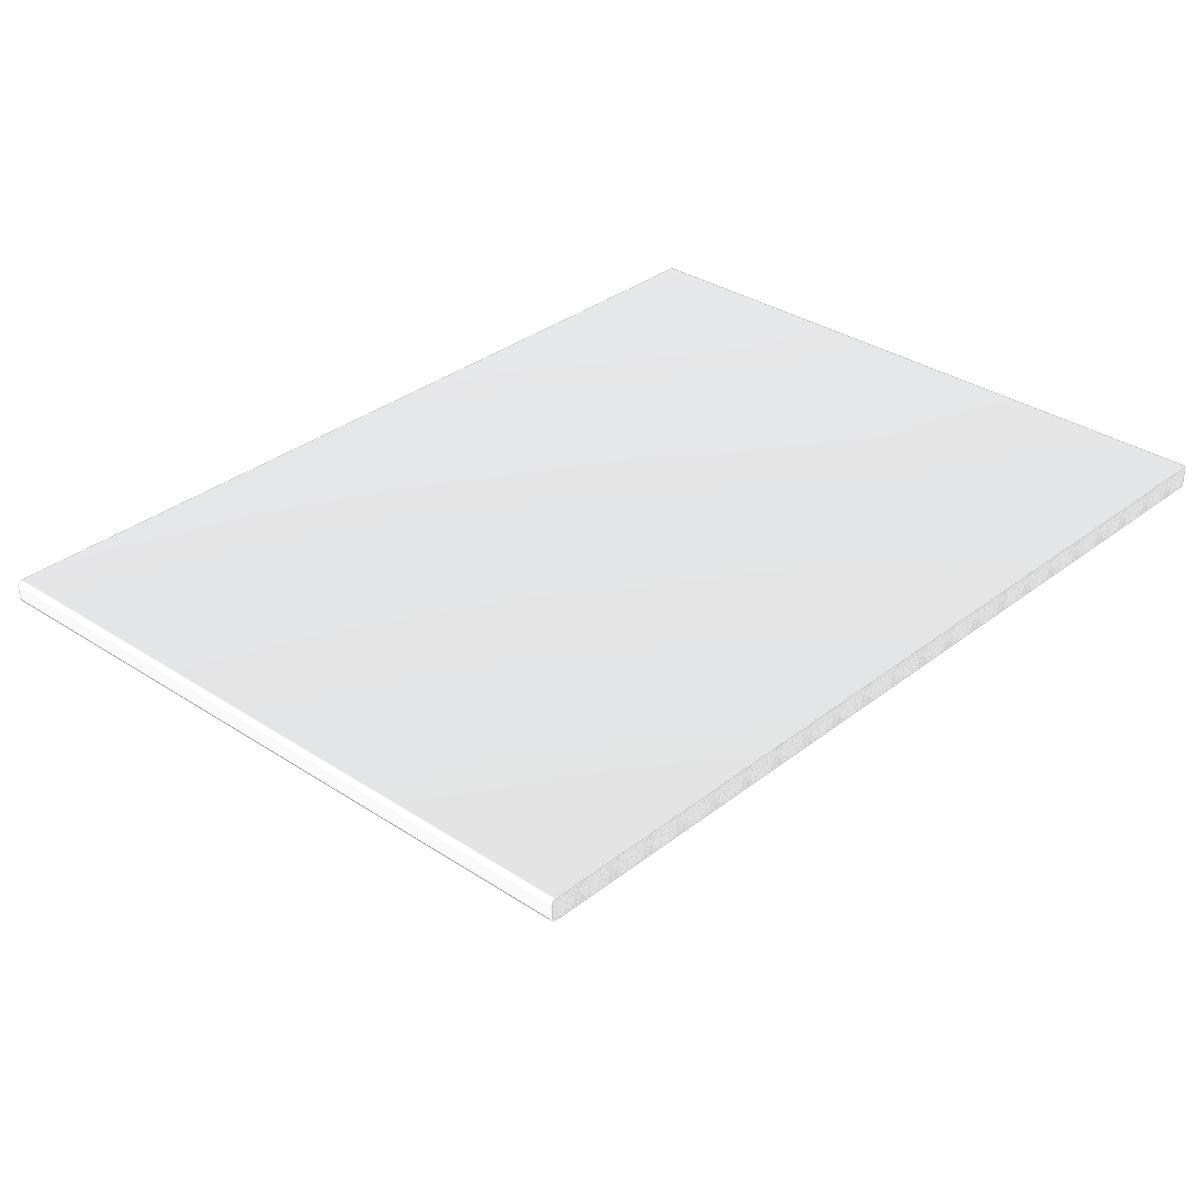 Bright White Flat Board